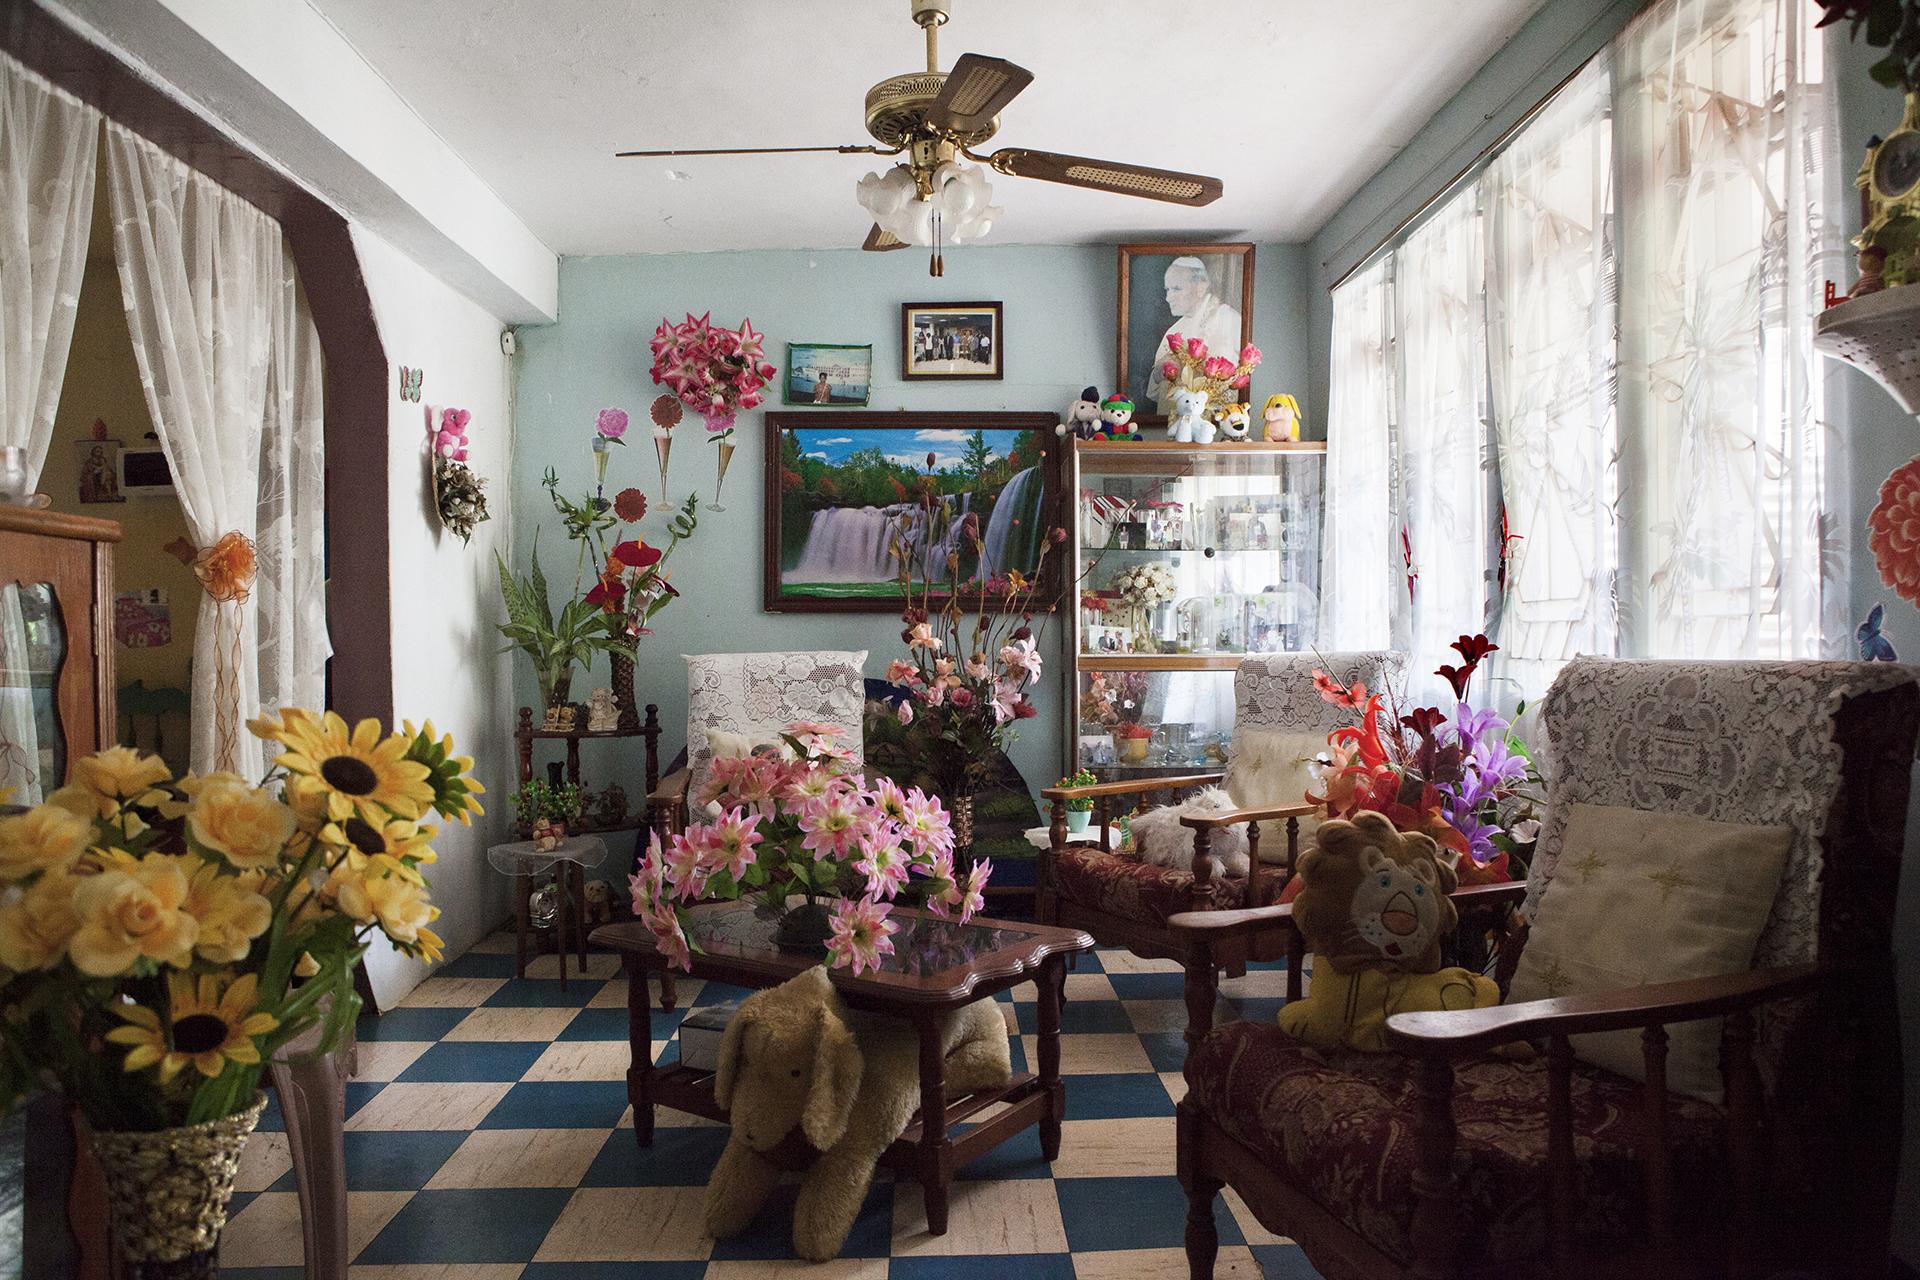 Nous sommes chez « Petit Frère ».Il habite la rue Diego Garcia. Diego Garcia. Son île natale. Aujourd'hui simple et pauvre rue du quartier de Batterie Cassée. Cette île vierge de toute trace de la civilisation. Simplement tournée vers la mer et le ciel. Ouverte sur le monde et la nature.Depuis 40 ans Petit Frère vit ici. Son salon est un mausolée kitsh où s'entassent bondieuseries, fleurs en plastique et peluches multicolores.Où le vide laissé par le passé est comblé de manière artificielle.« Aux Chagos on avait rien et on avait tout pour être heureux. Ici… ici y a rien de bon pour nous… »